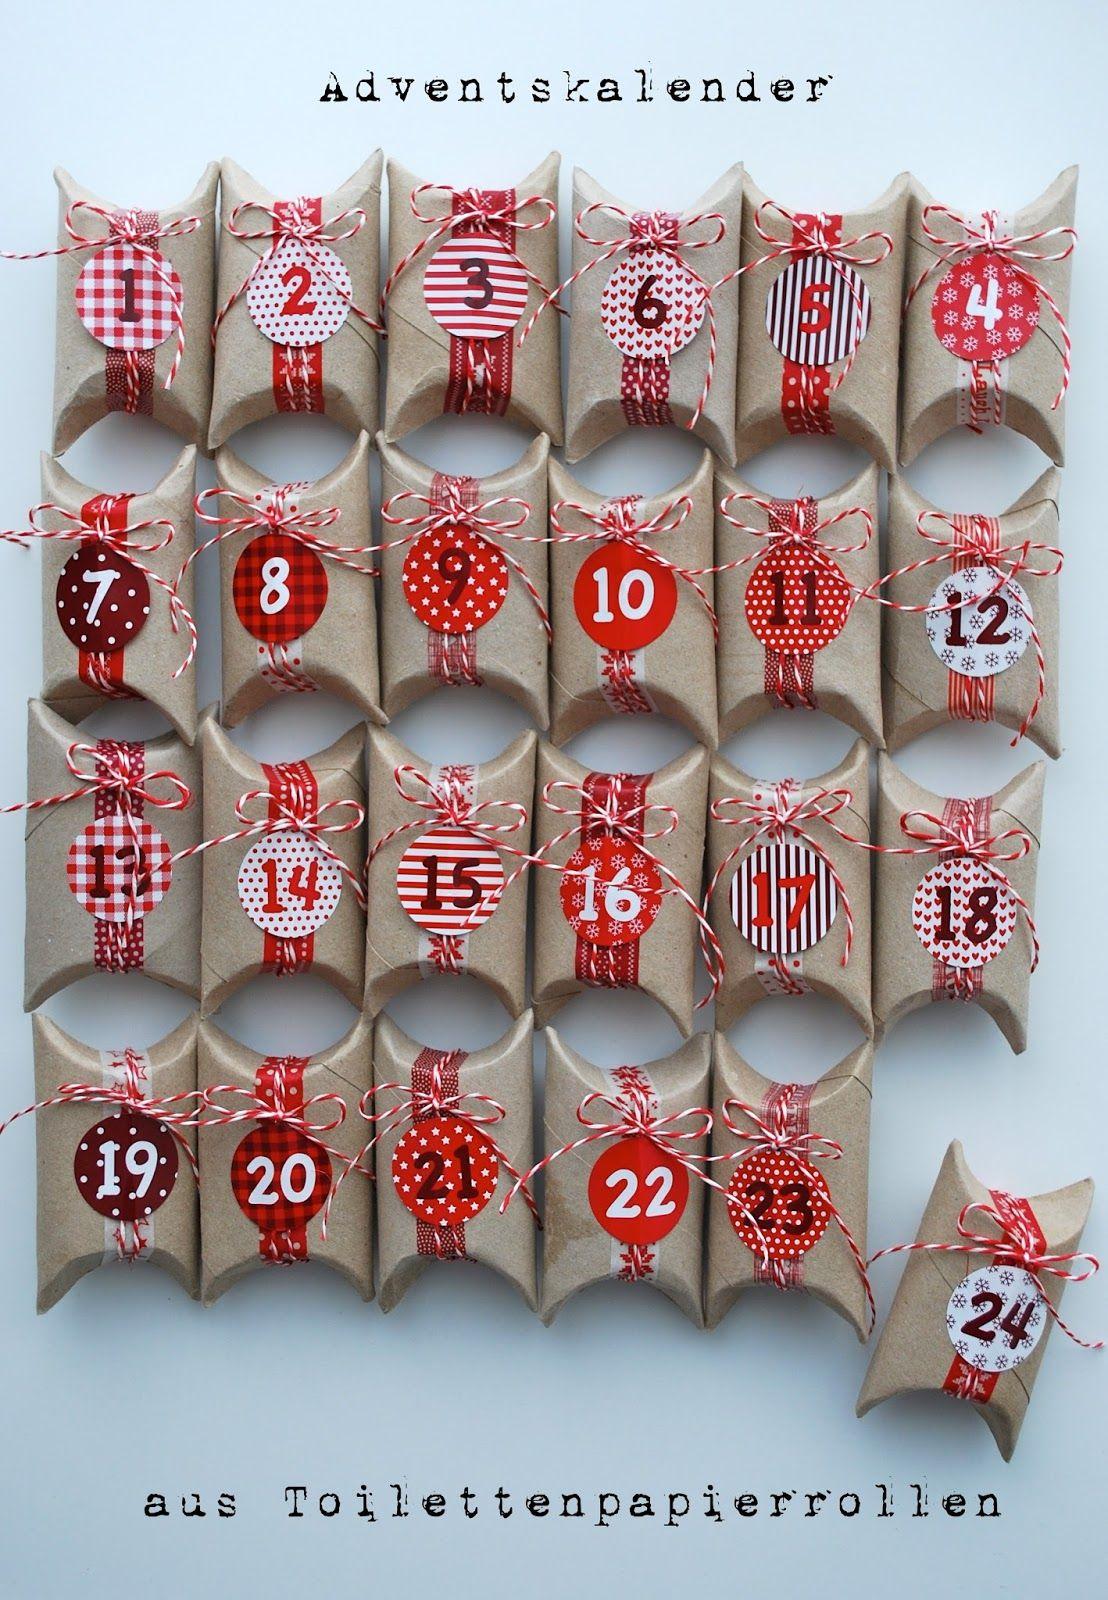 Adventskalender Aus Toilettenpapierrollen Mamas Kram Adventkalender Adventskalender Selber Basteln Adventkalender Basteln